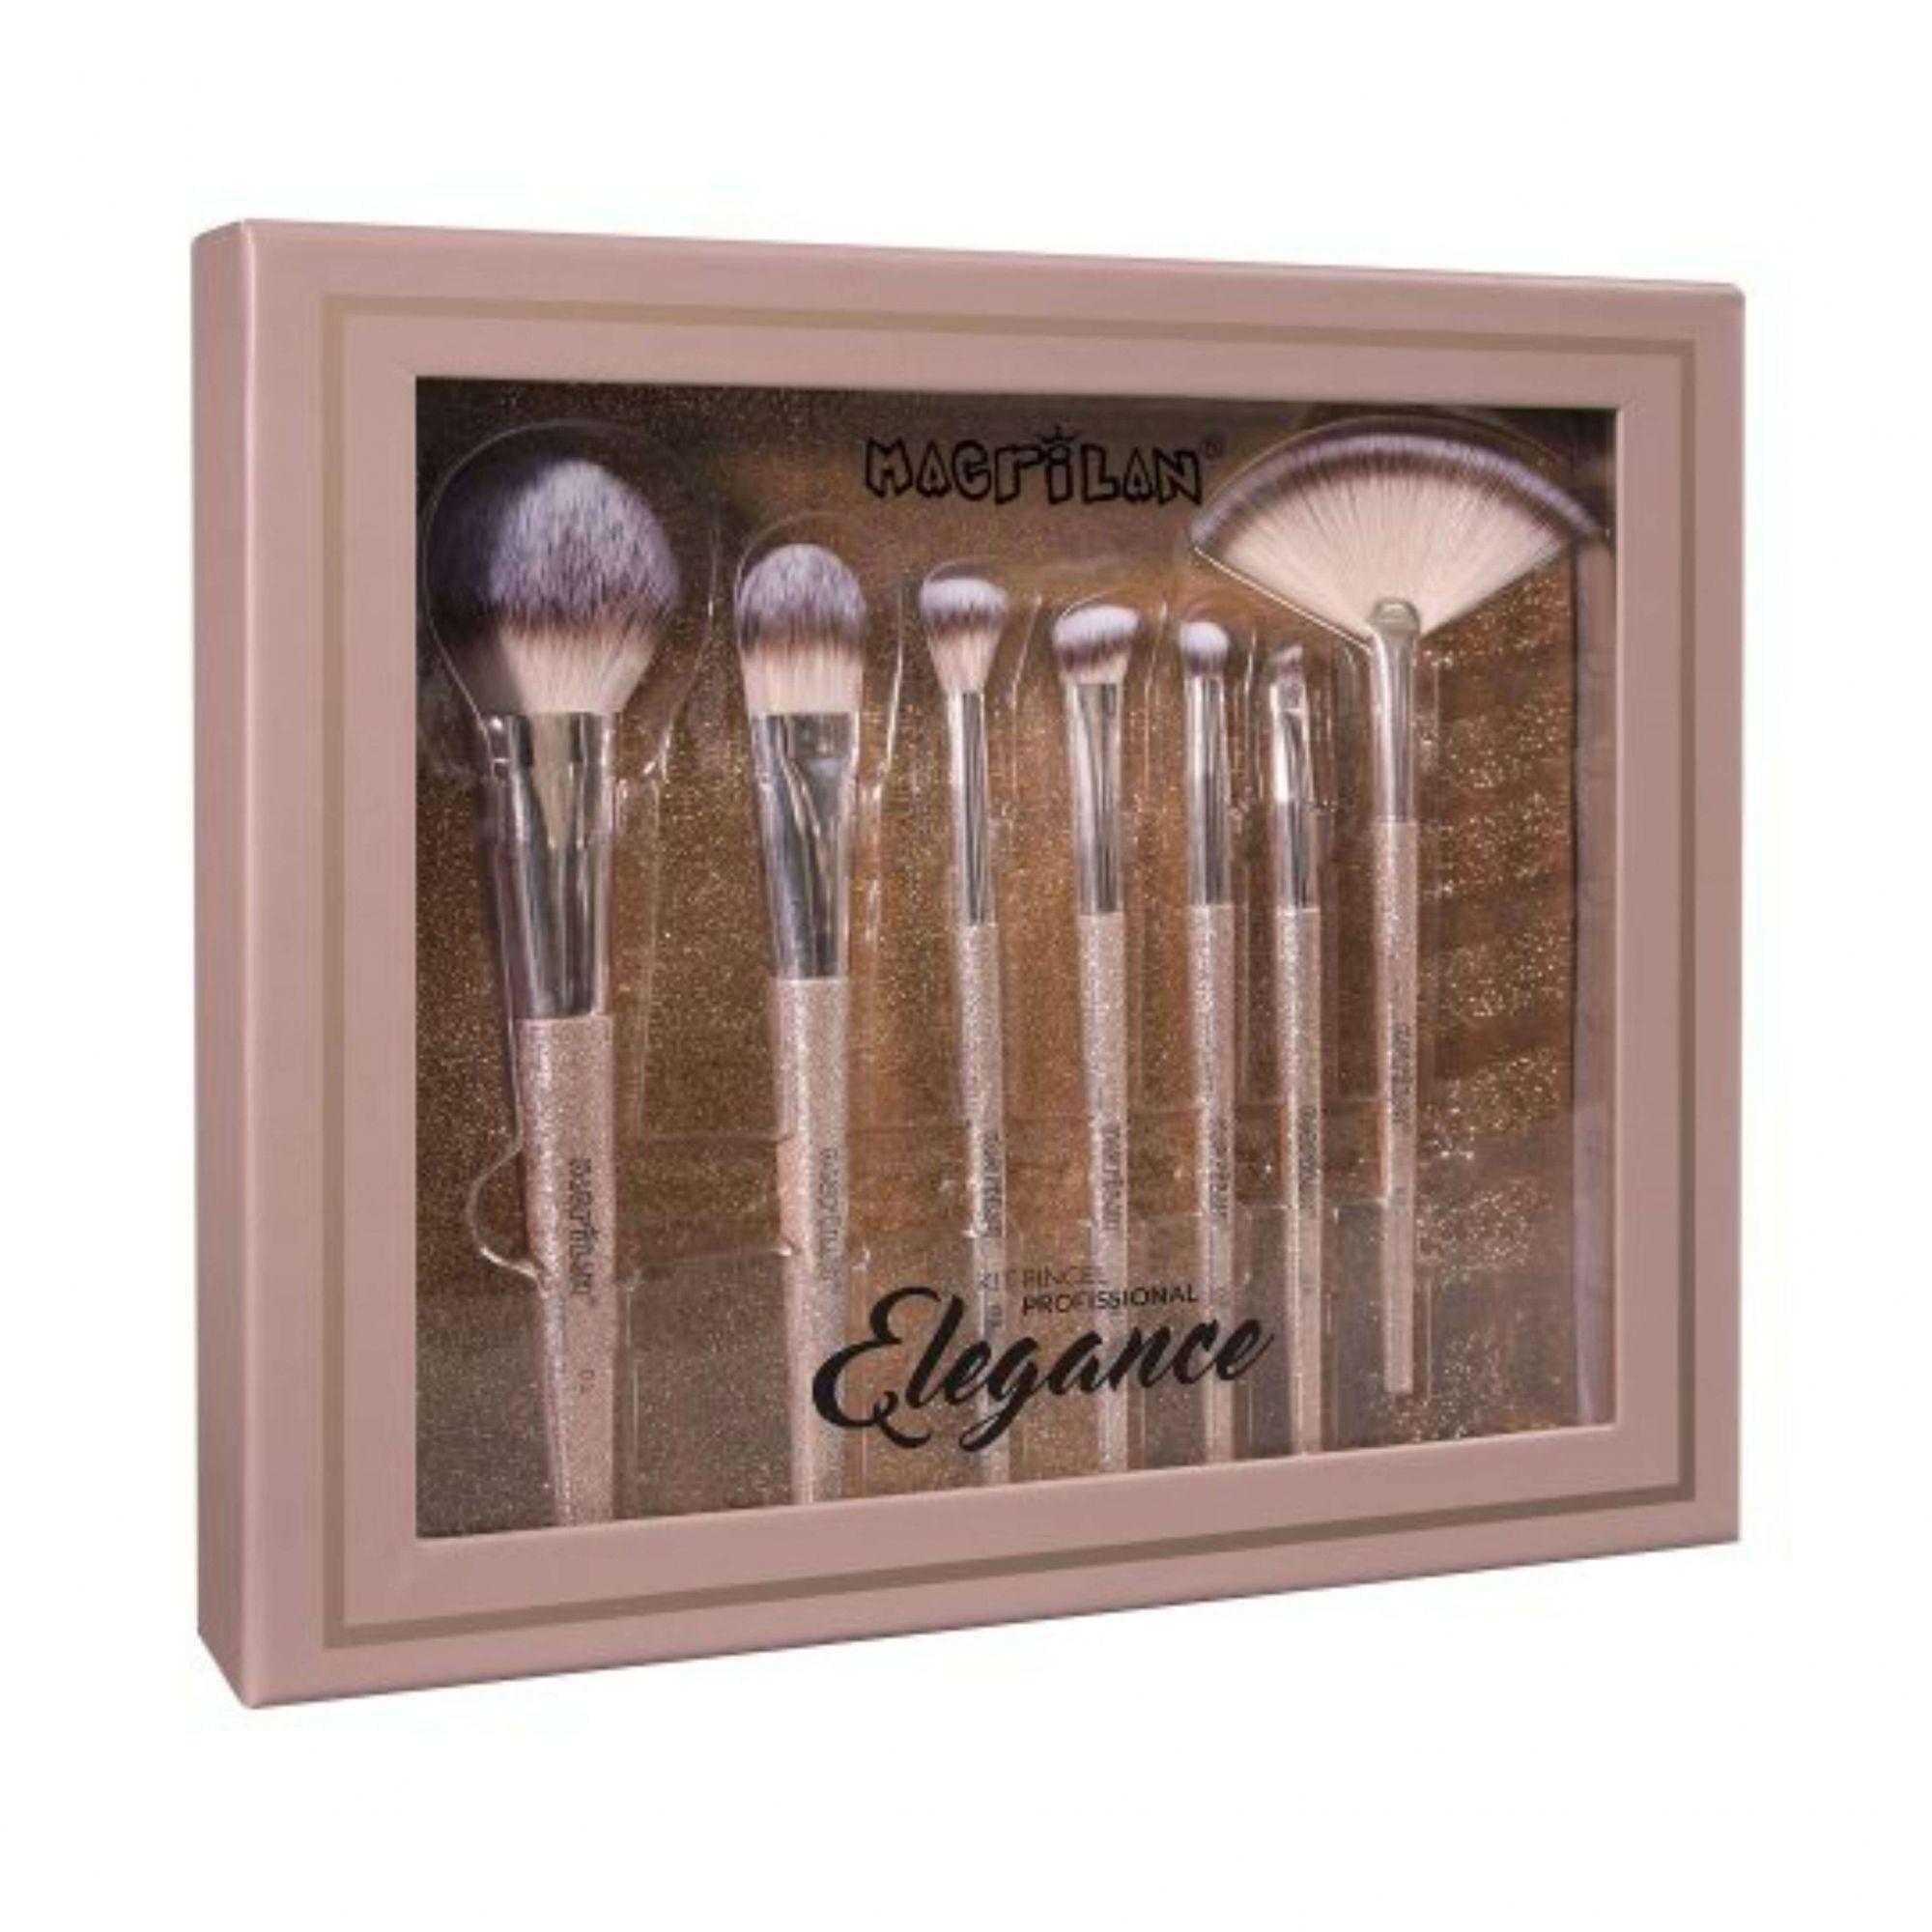 Kit 7 pincéis para maquiagem Elegance Macrilan ED700